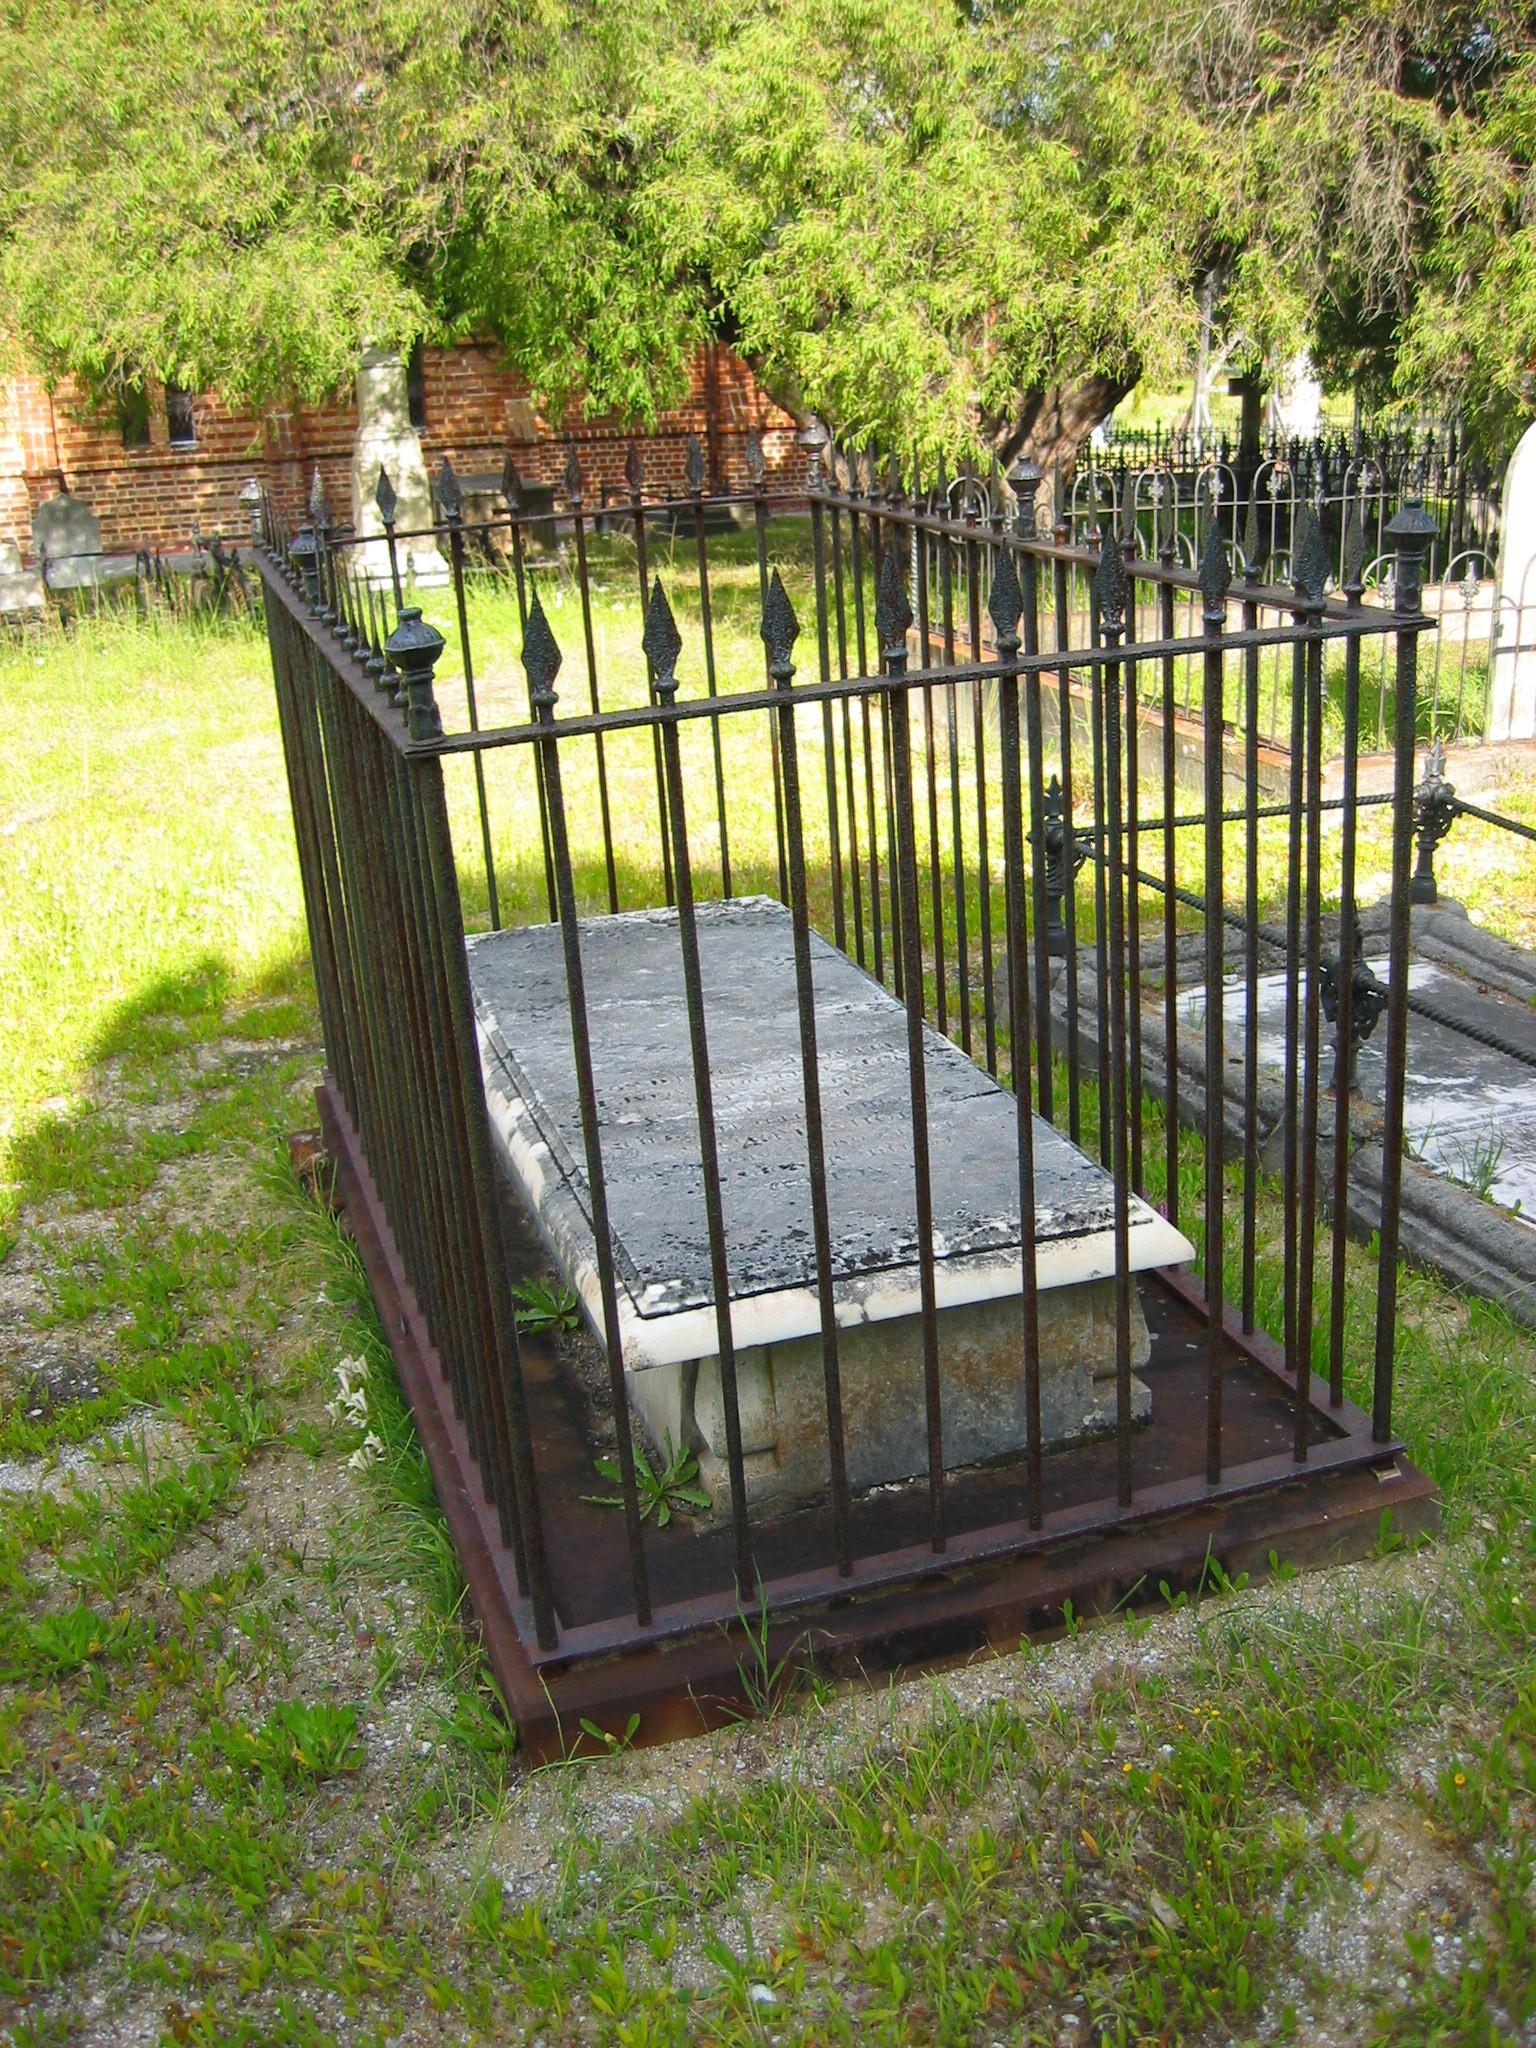 Lewis Grave